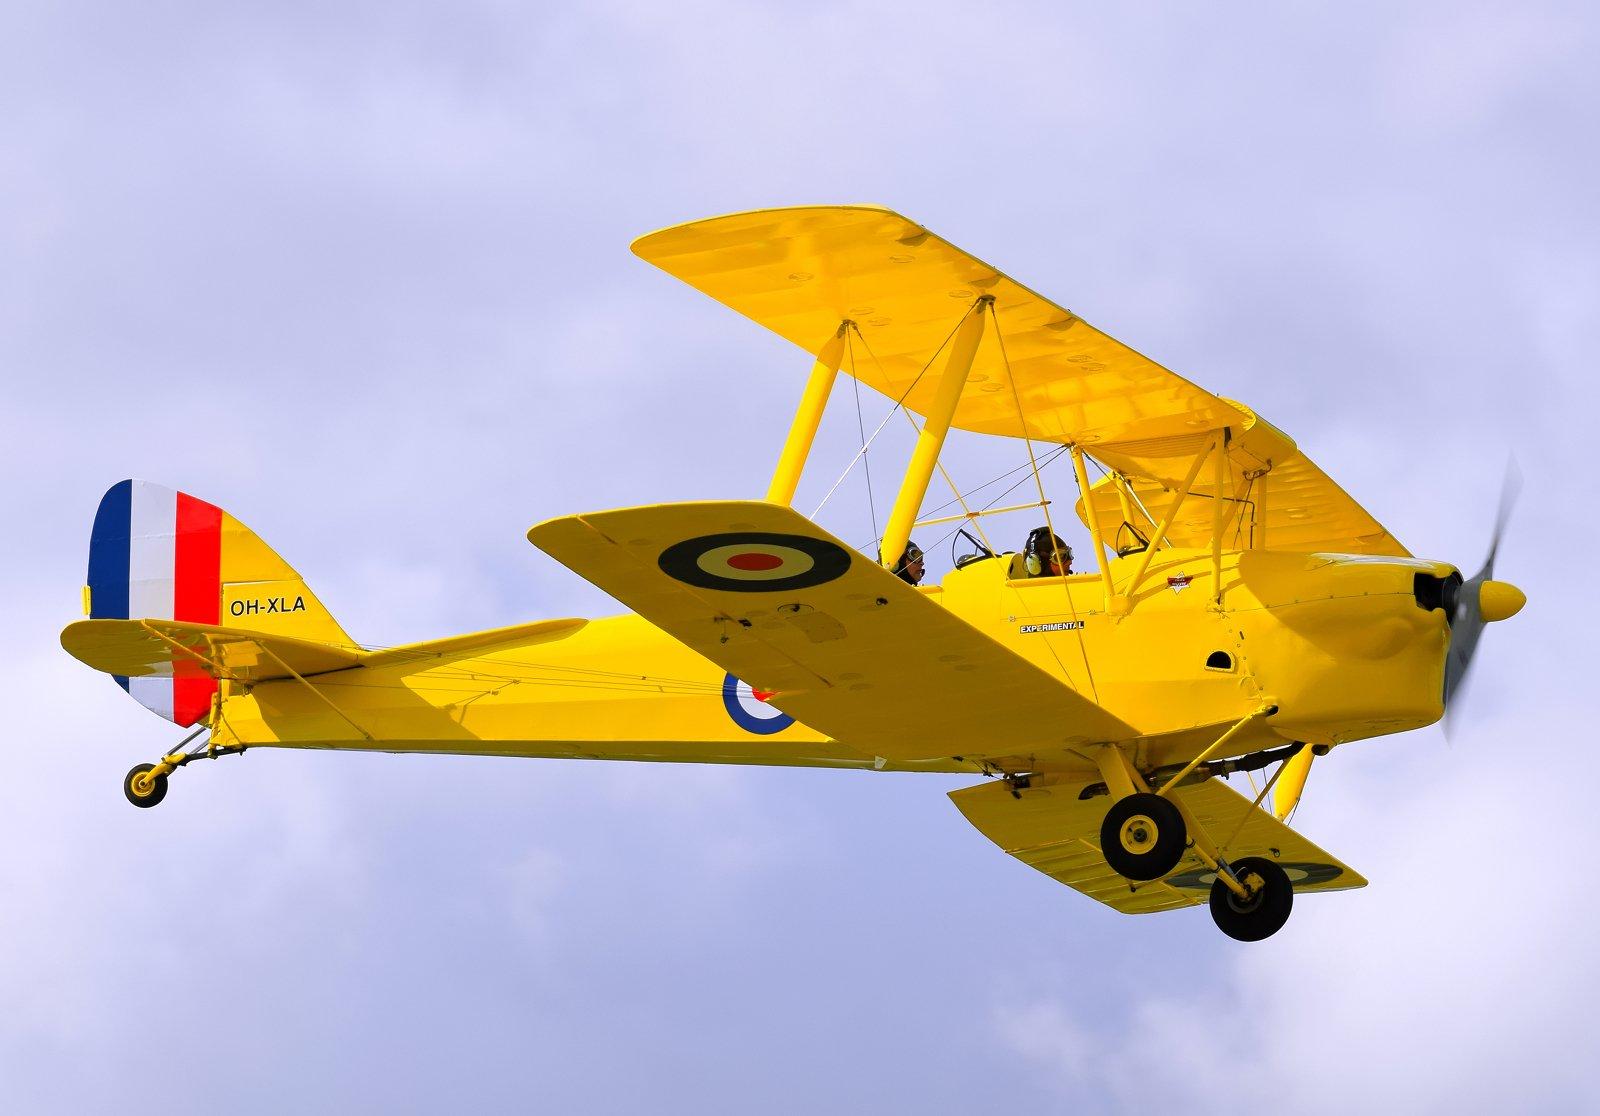 OH-XLA - De Havilland D.H.82A Tiger Moth - 31.8.2020